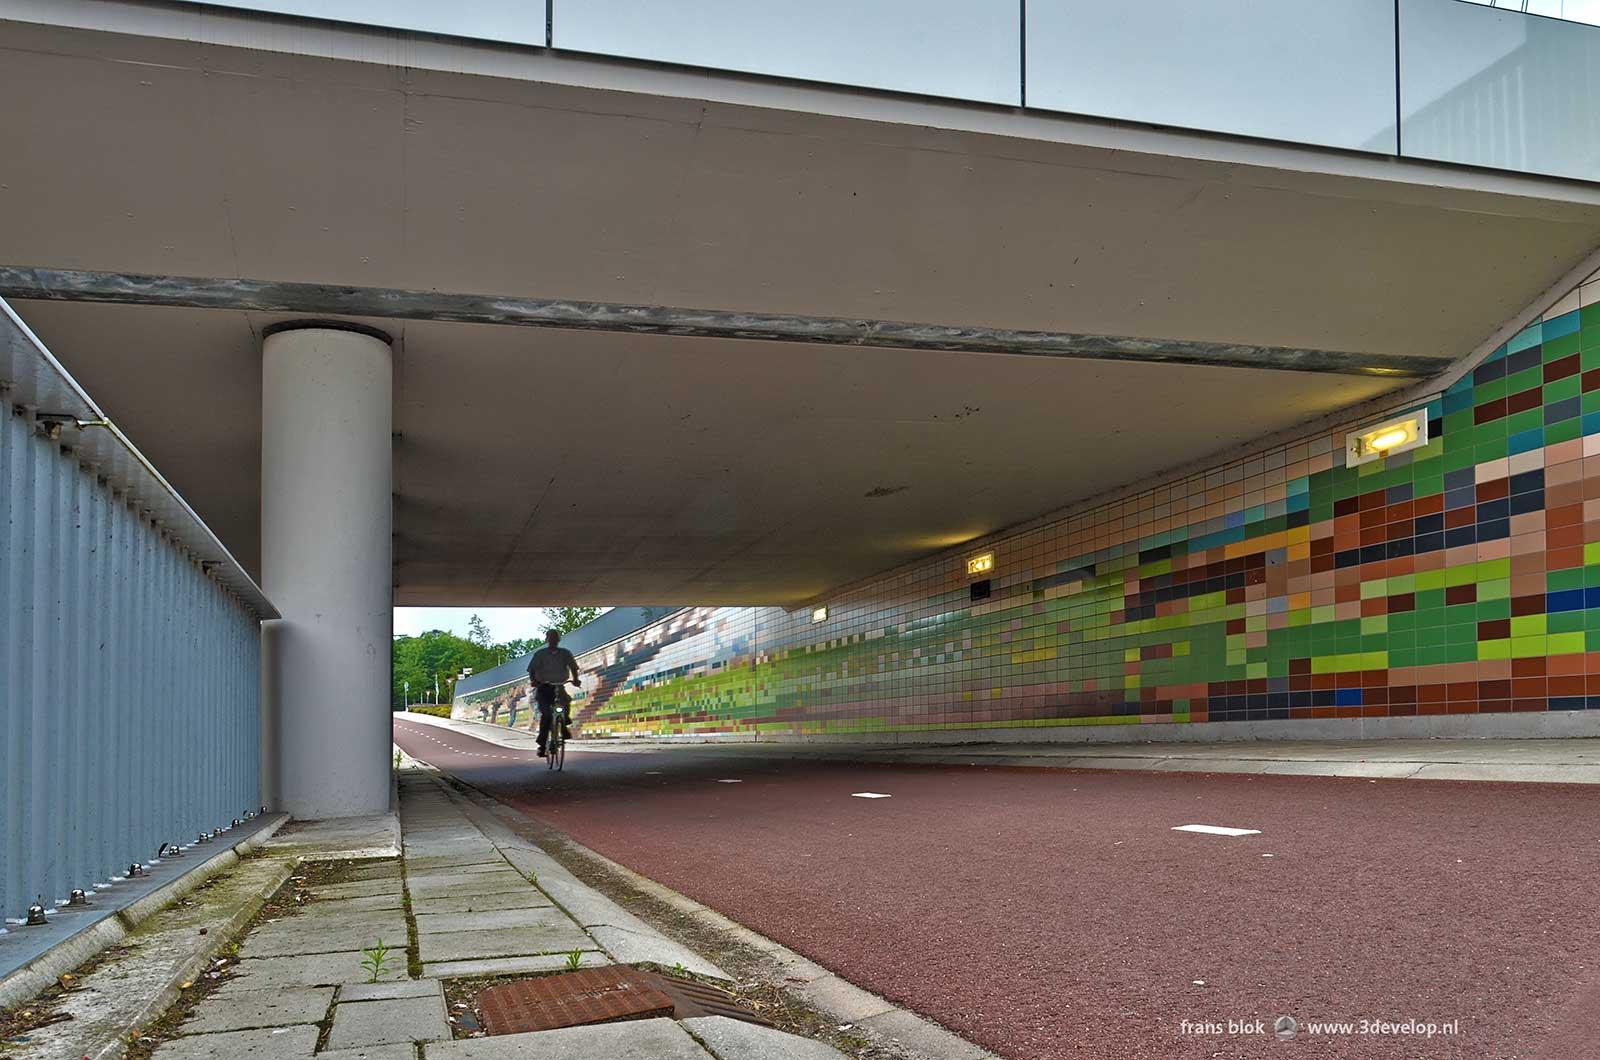 Van Kregtentunnel in Wierden: section for pedestrians and bicyclists